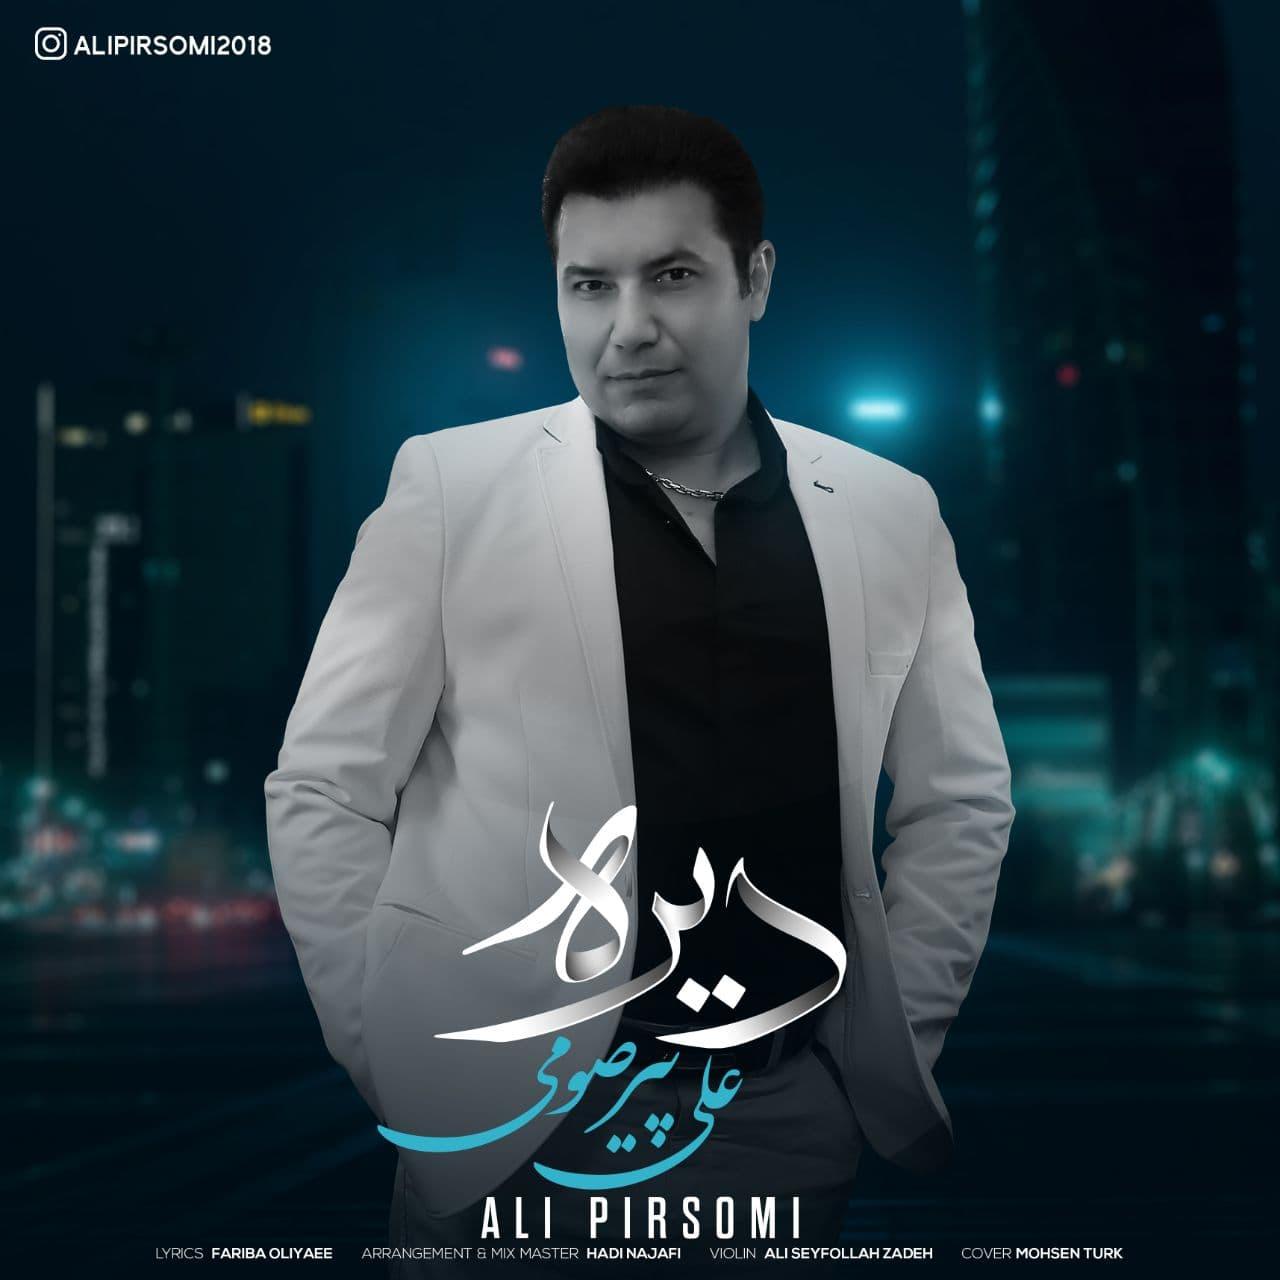 دانلود موزیک جدید دیره از علی پیرصومی